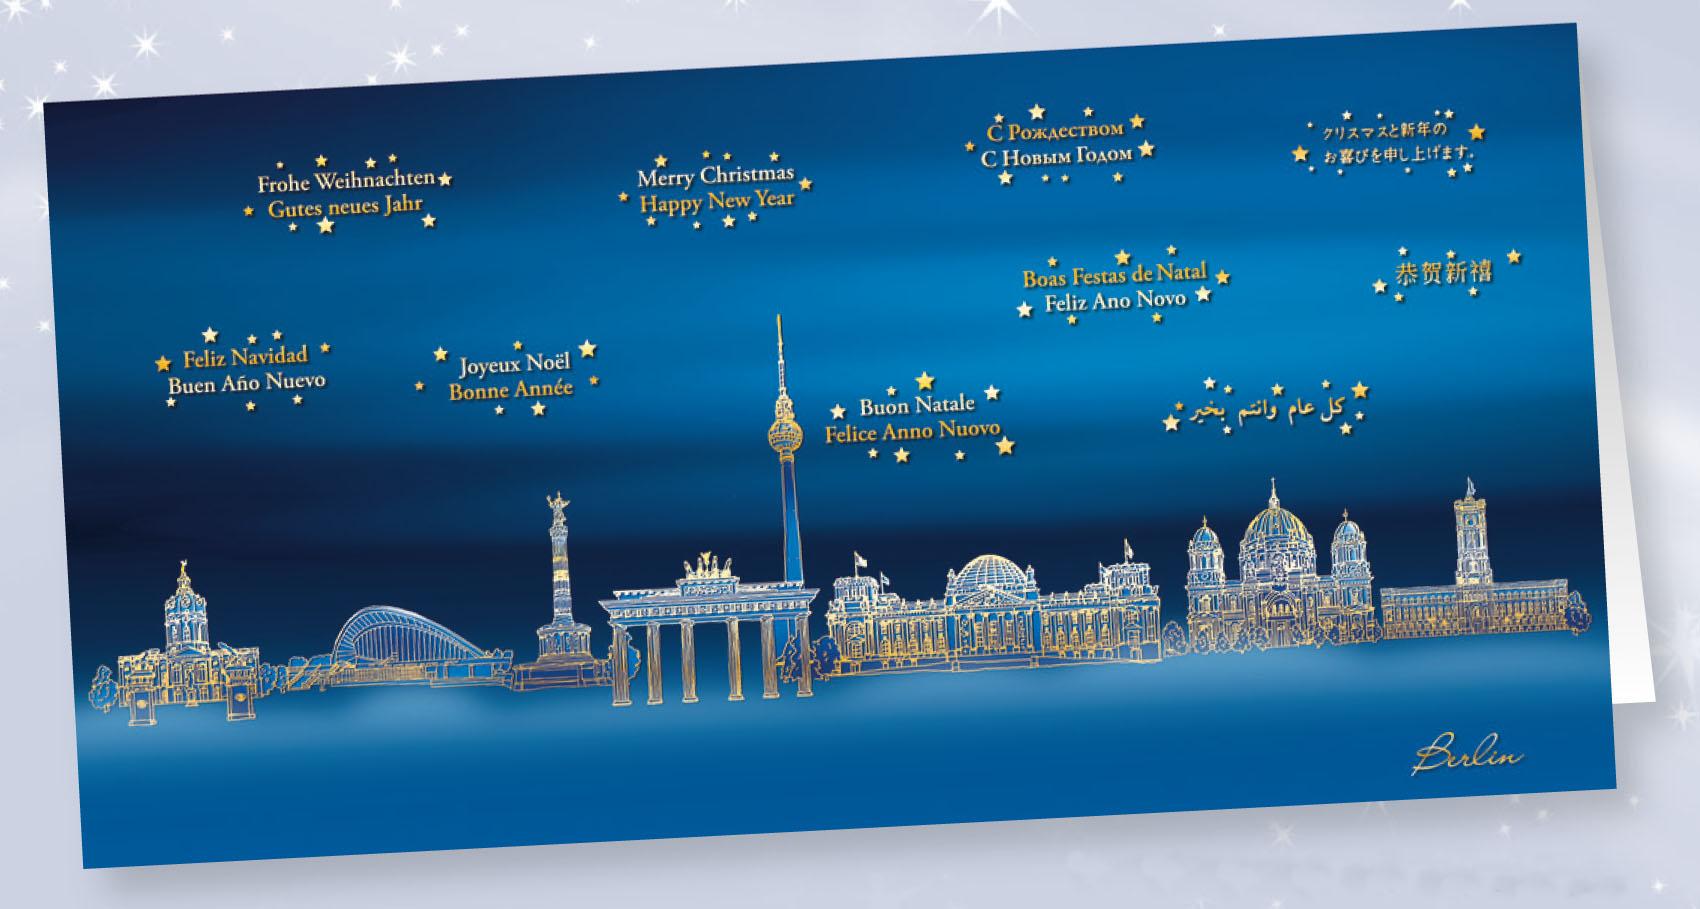 Weihnachtskarte internationale gr e aus berlin - Weihnachtskarten erstellen ...